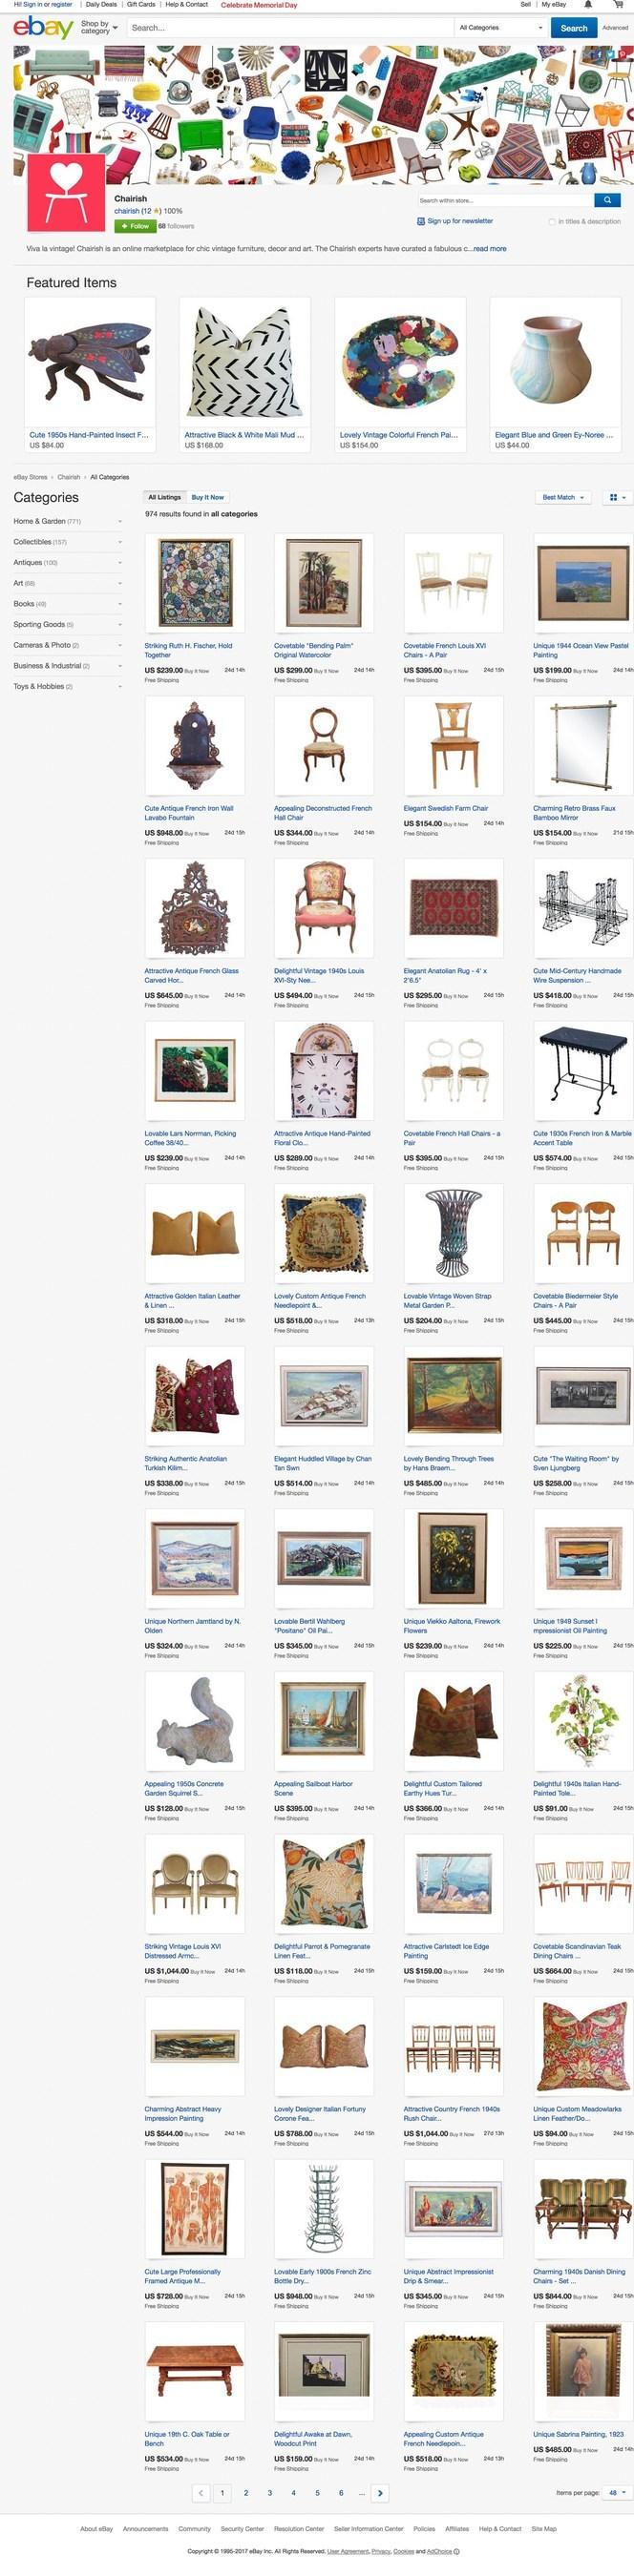 Chairish's eBay Store (stores.ebay.com/Chairish)